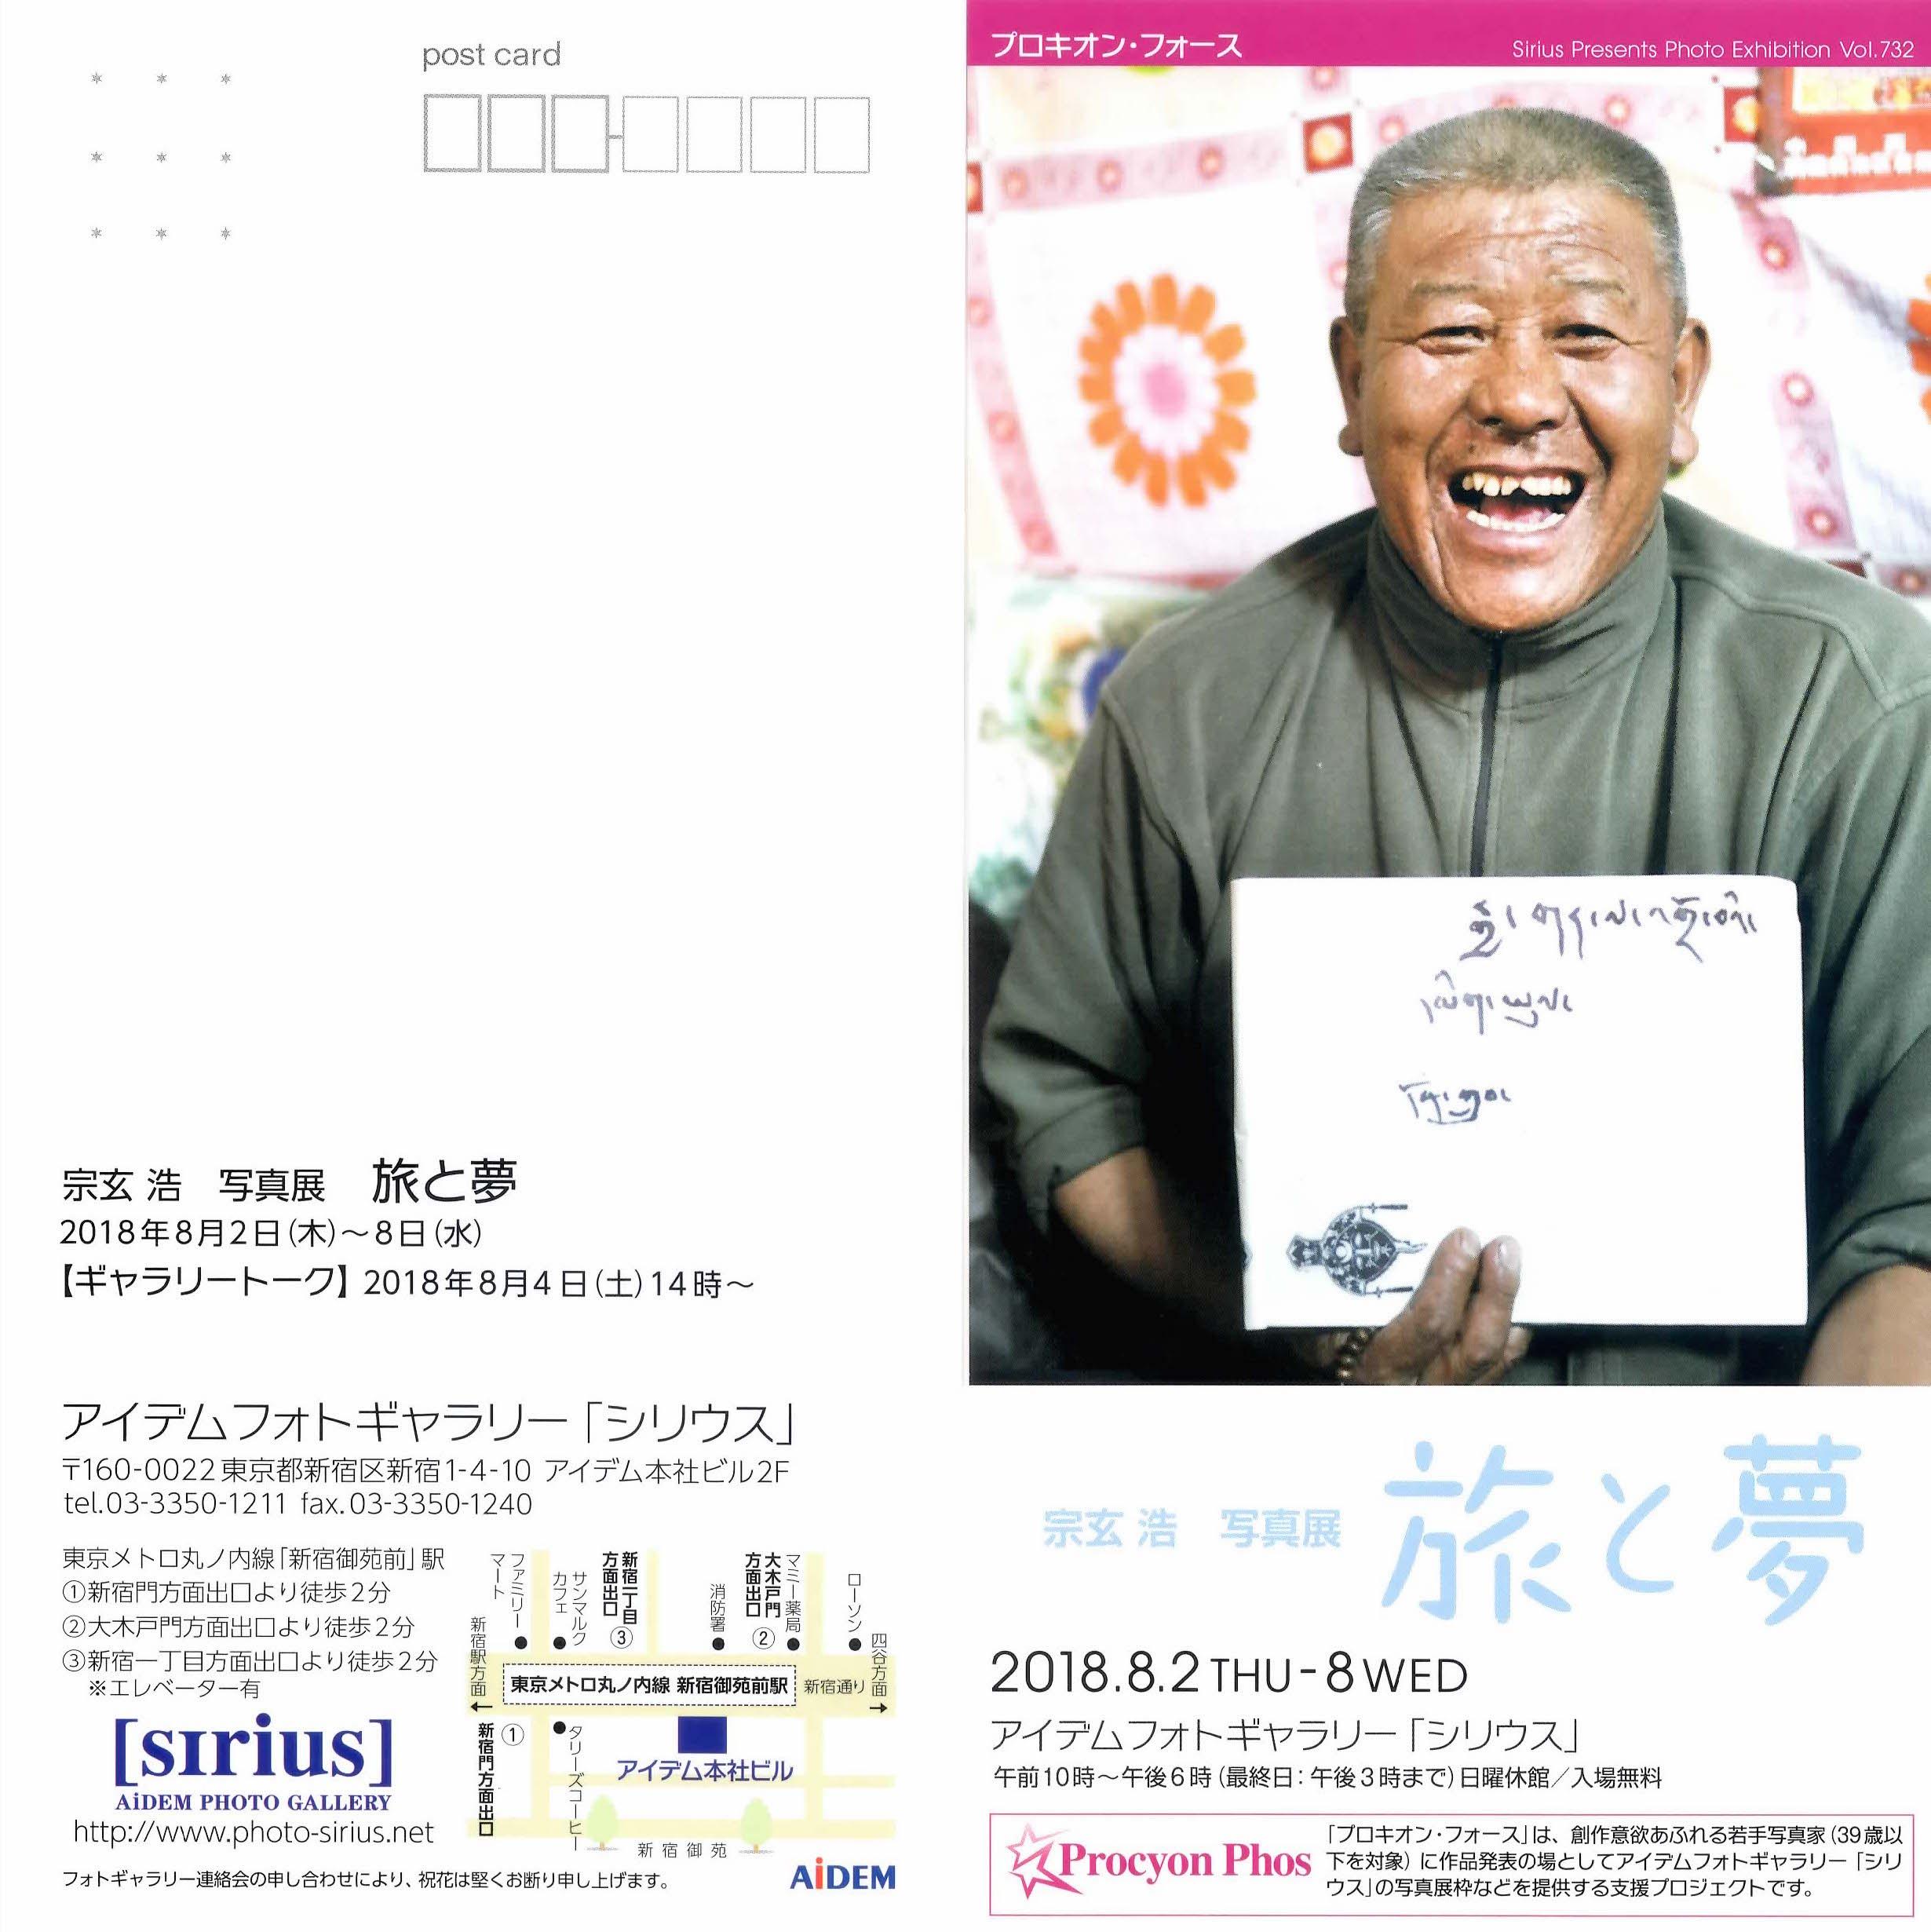 【タビノコトバスタッフの写真展が新宿で開催されます】